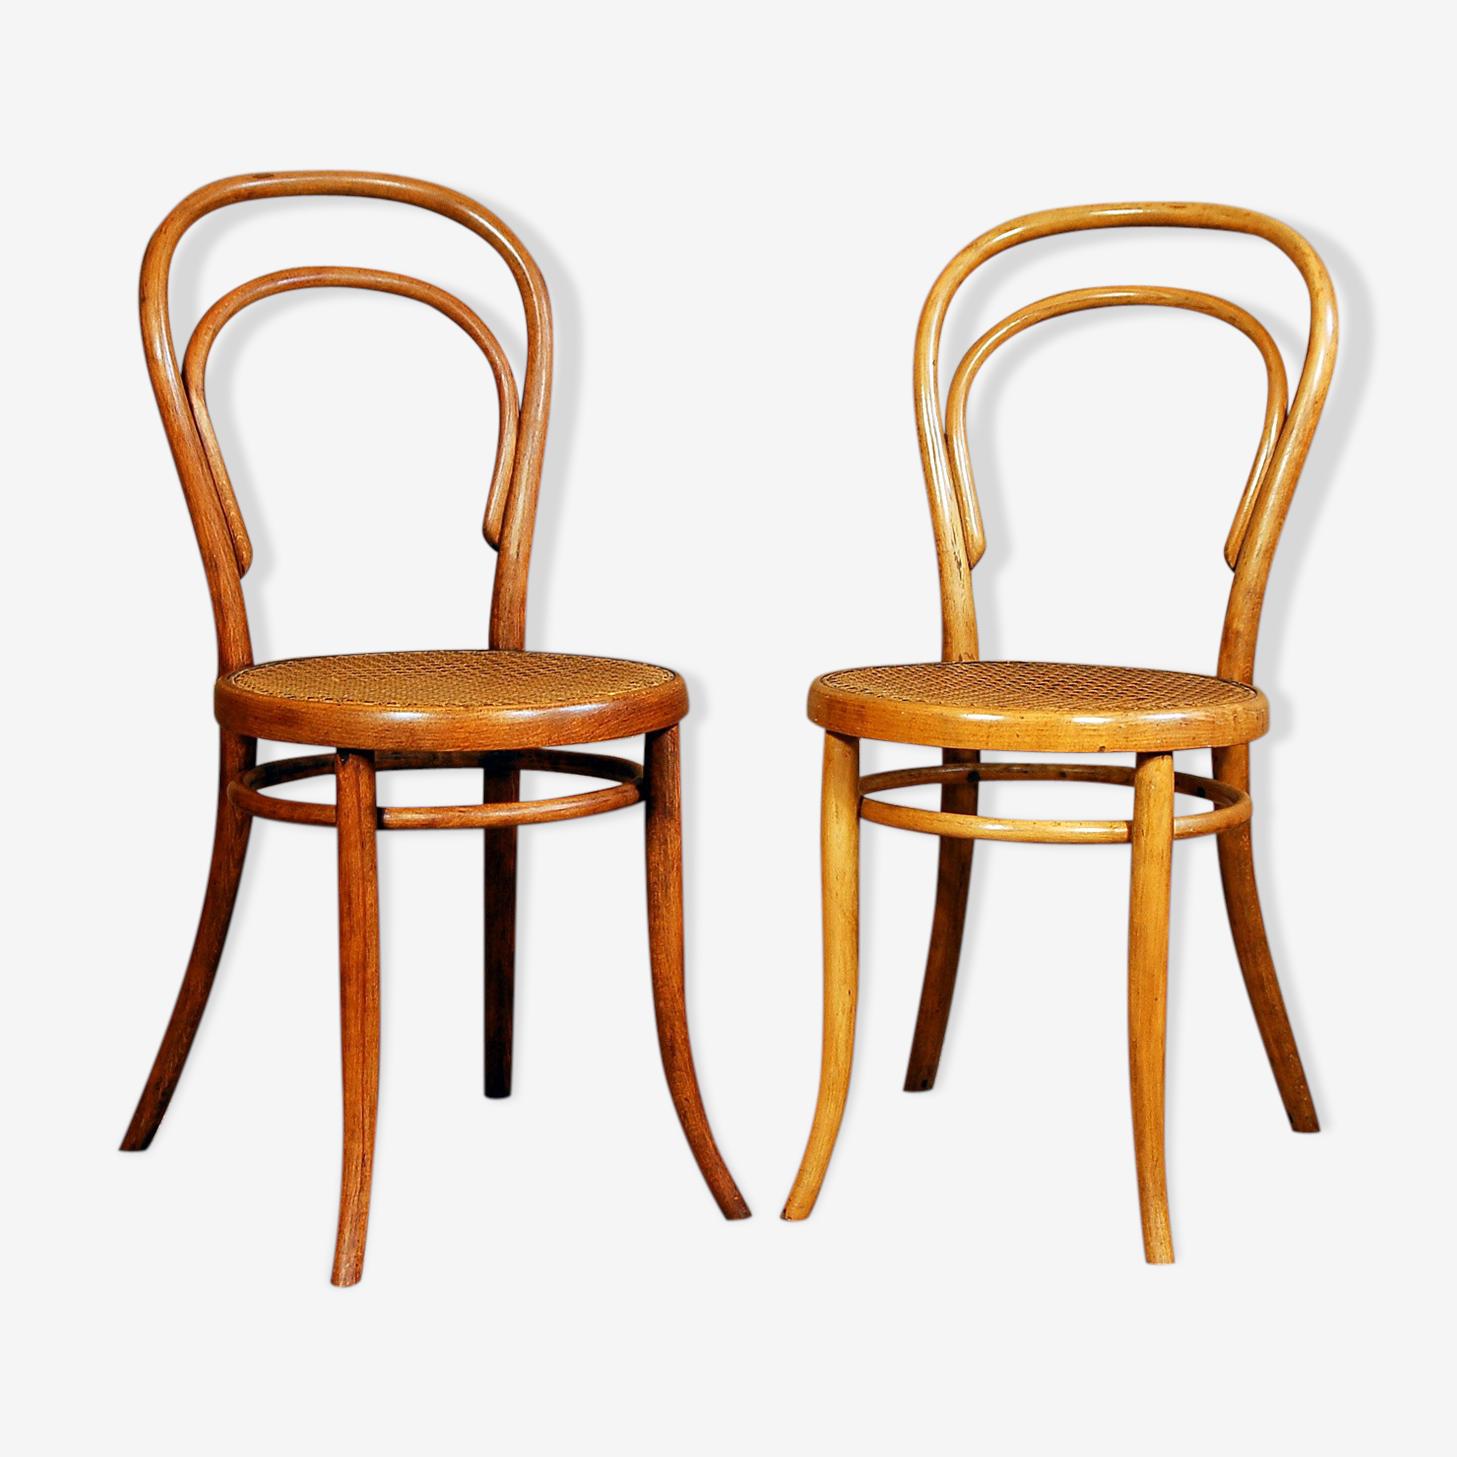 Paire de chaises bistrot n°14 de Türpe 1900